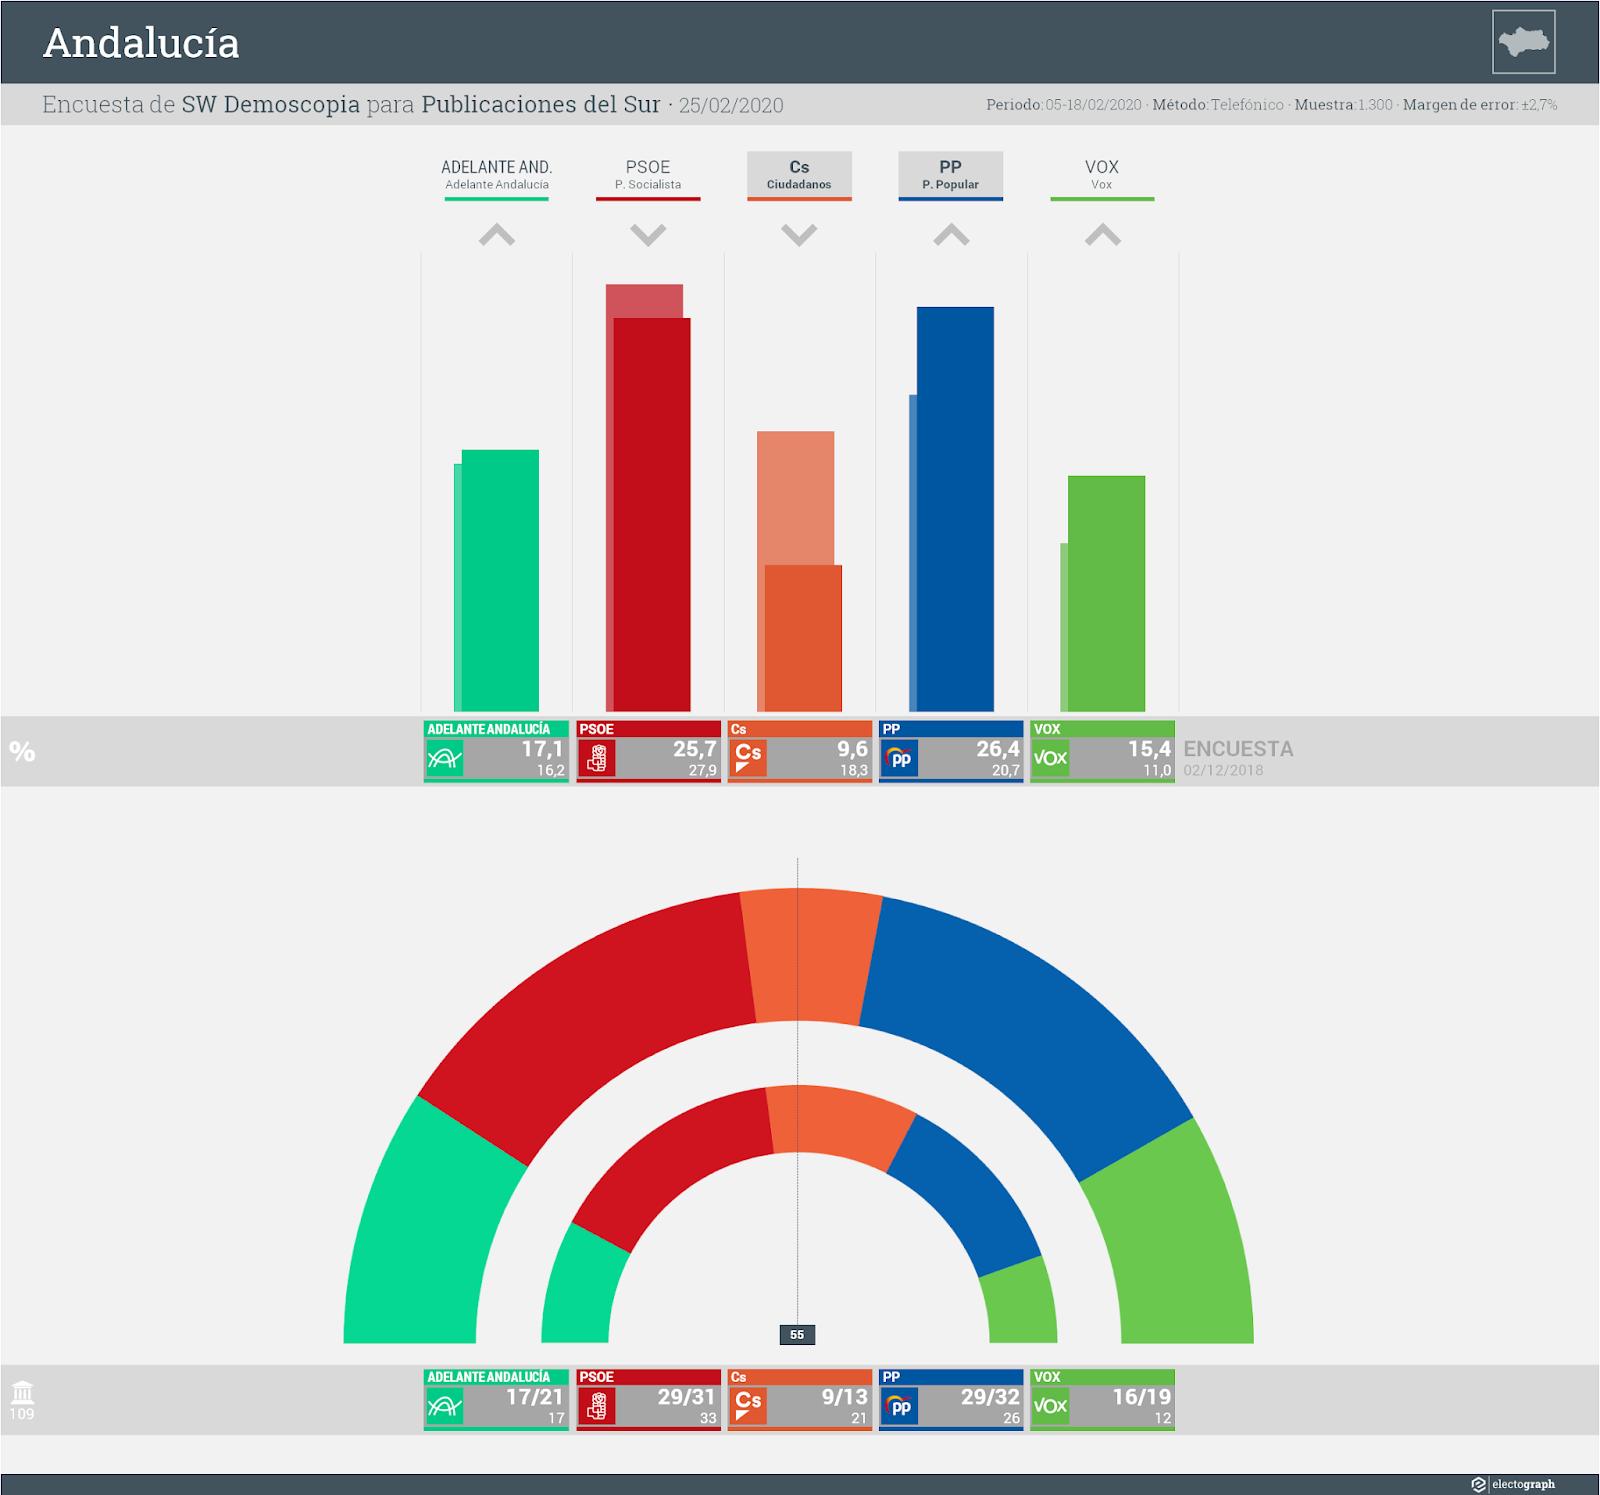 Gráfico de la encuesta para elecciones autonómicas en Andalucía realizada por SW Demoscopia para Publicaciones del Sur, 25 de febrero de 2020